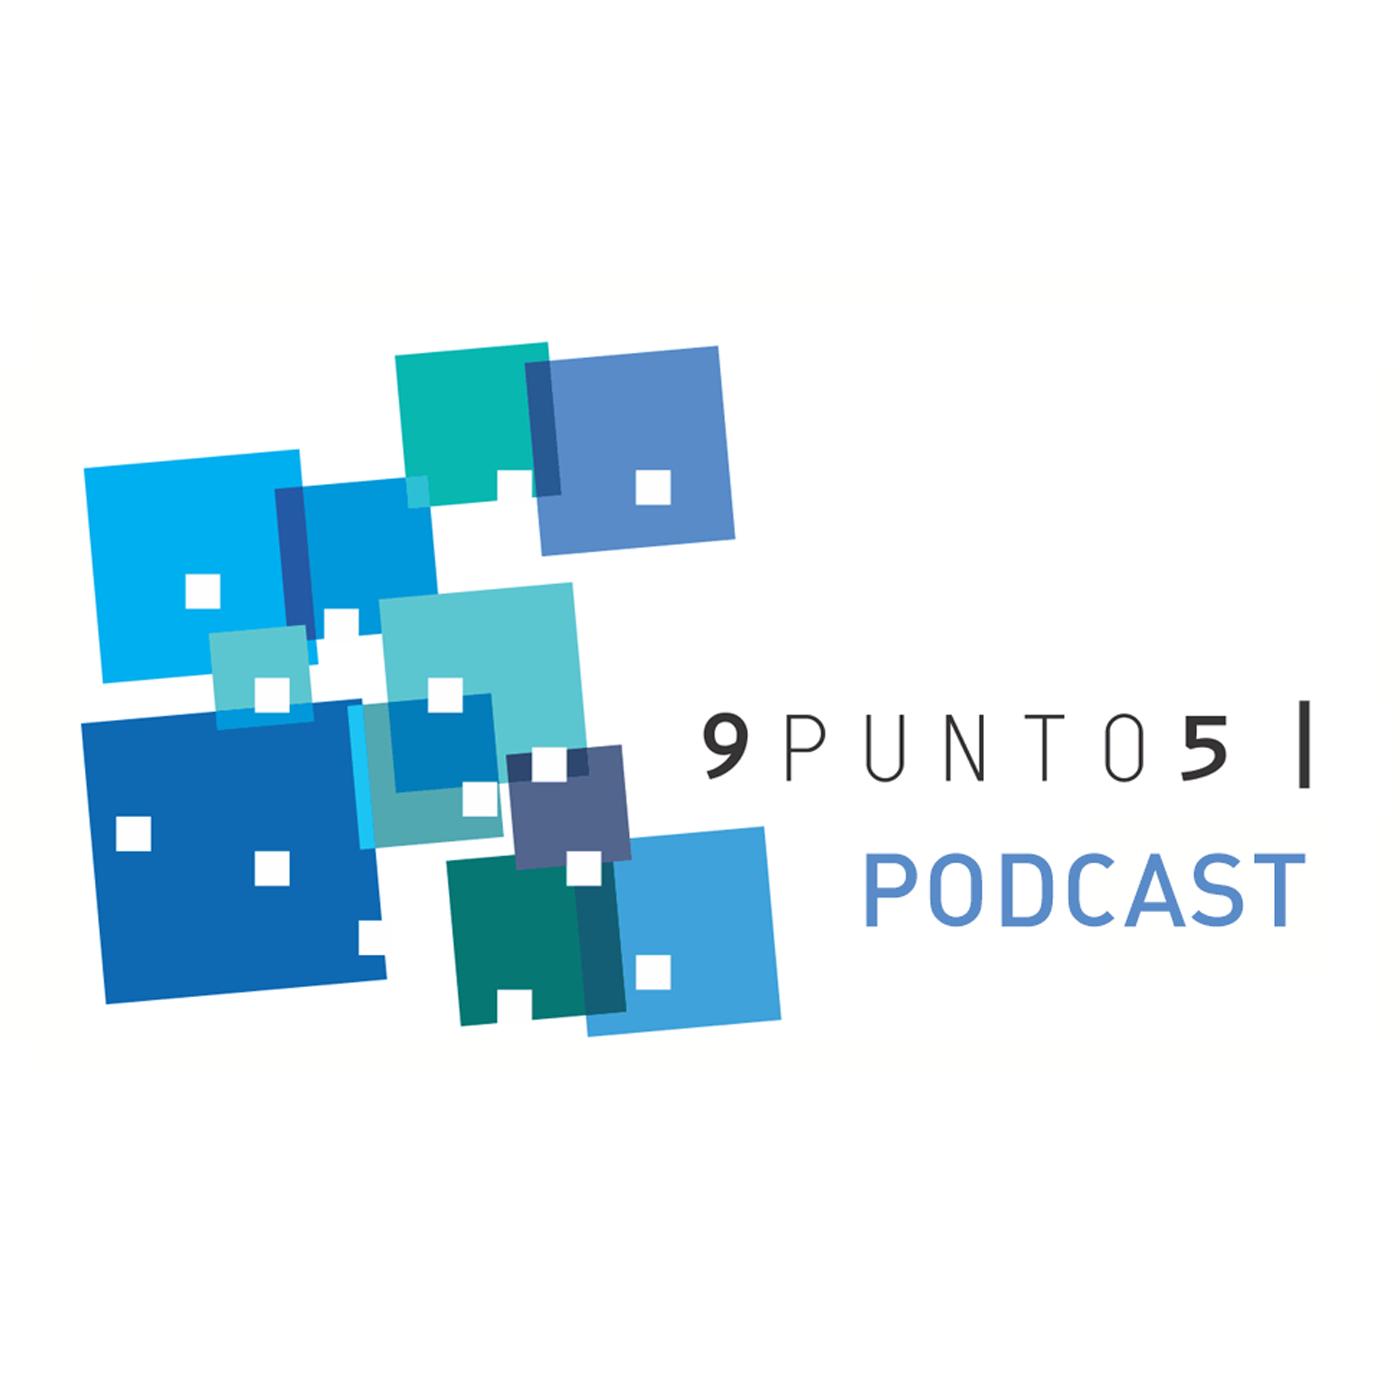 9punto5 - Expande tus habilidades digitales | Futuro del trabajo y trabajo remoto